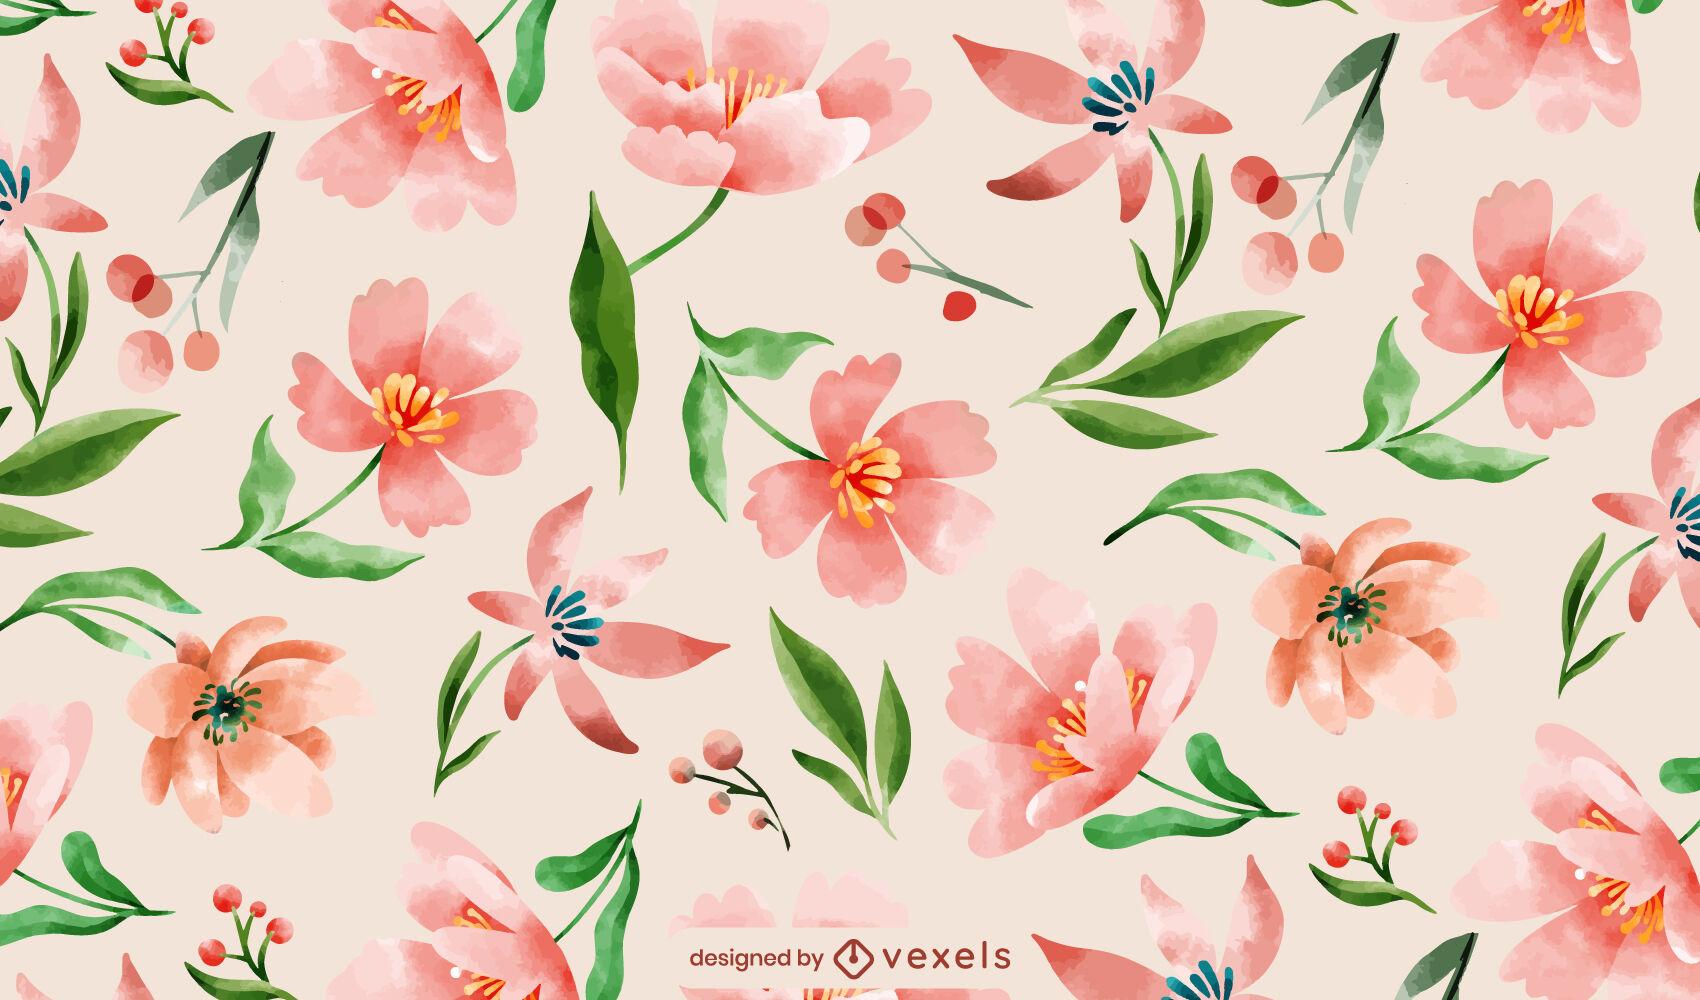 Projeto de padrão de flores em aquarela rosa